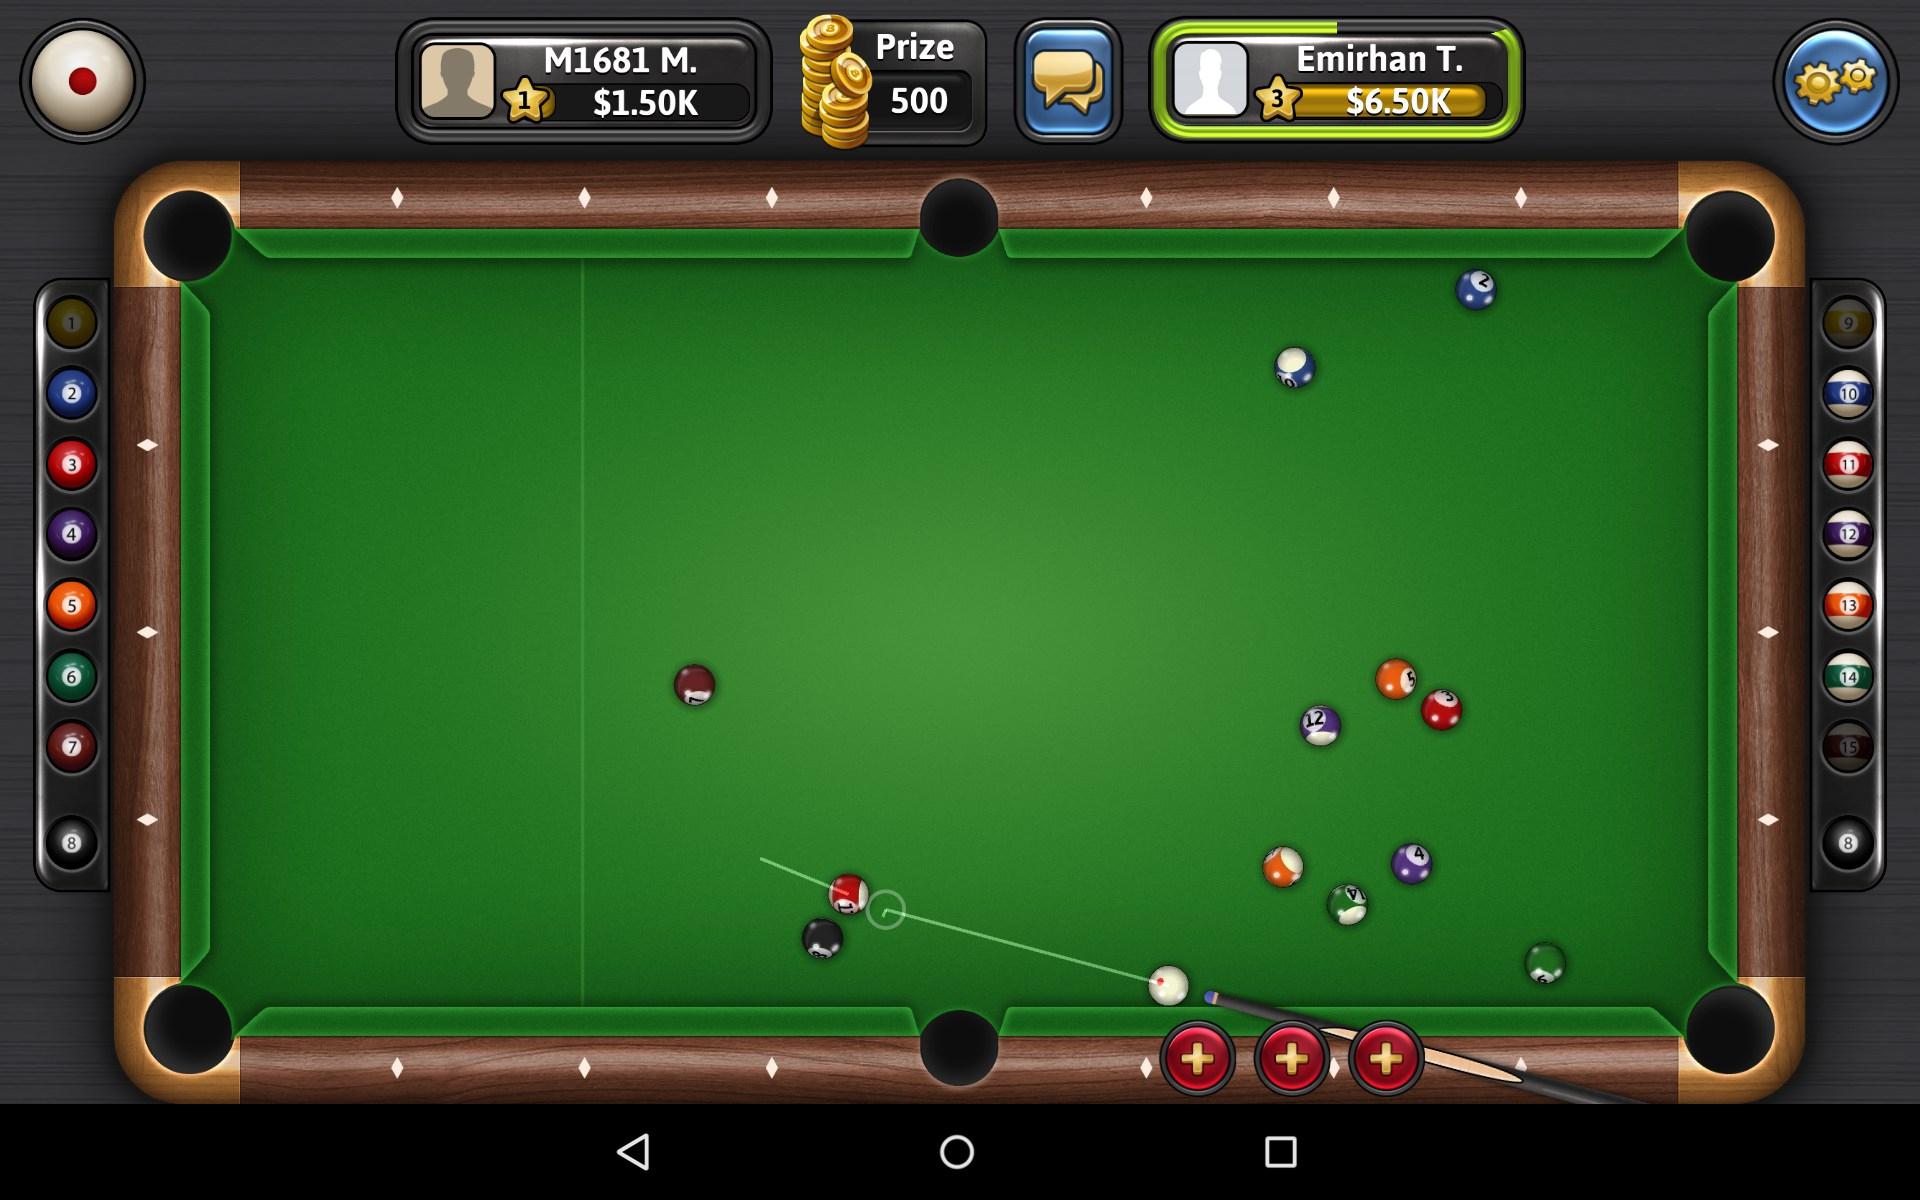 Pool Plus – Jeux Pour Android 2018 - Téléchargement Gratuit pour Jeux Gratuit Billard